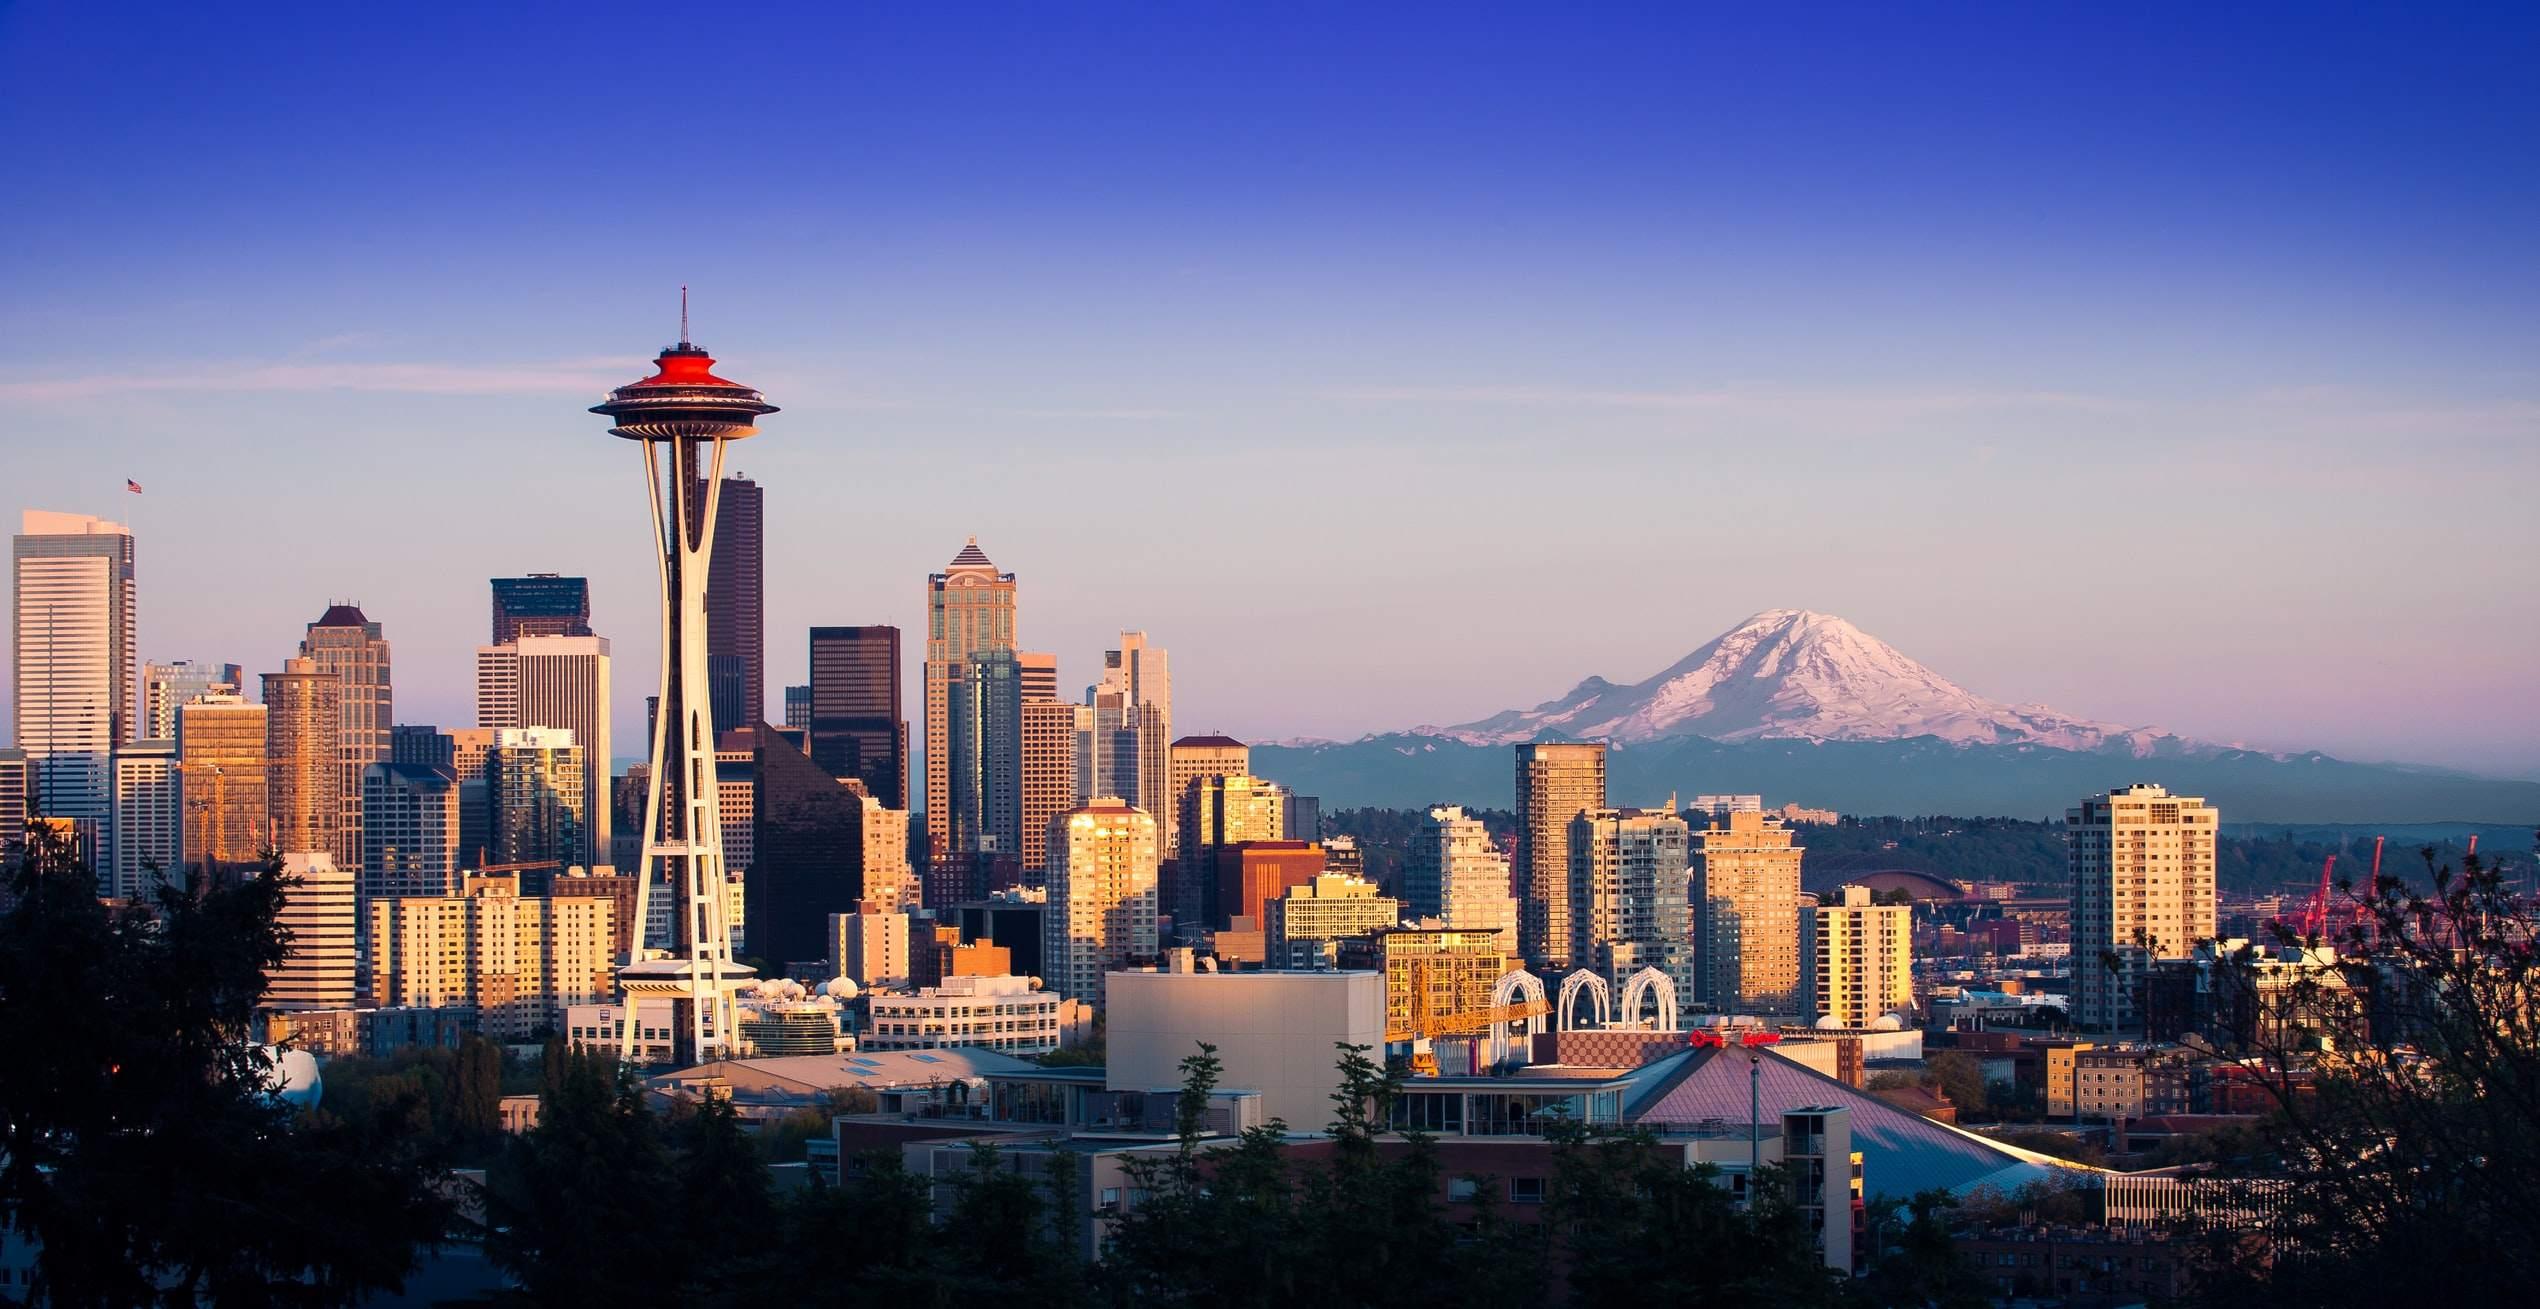 Seattle, Heimat von Amazon - diverse Aktien-News und Q-Zahlen